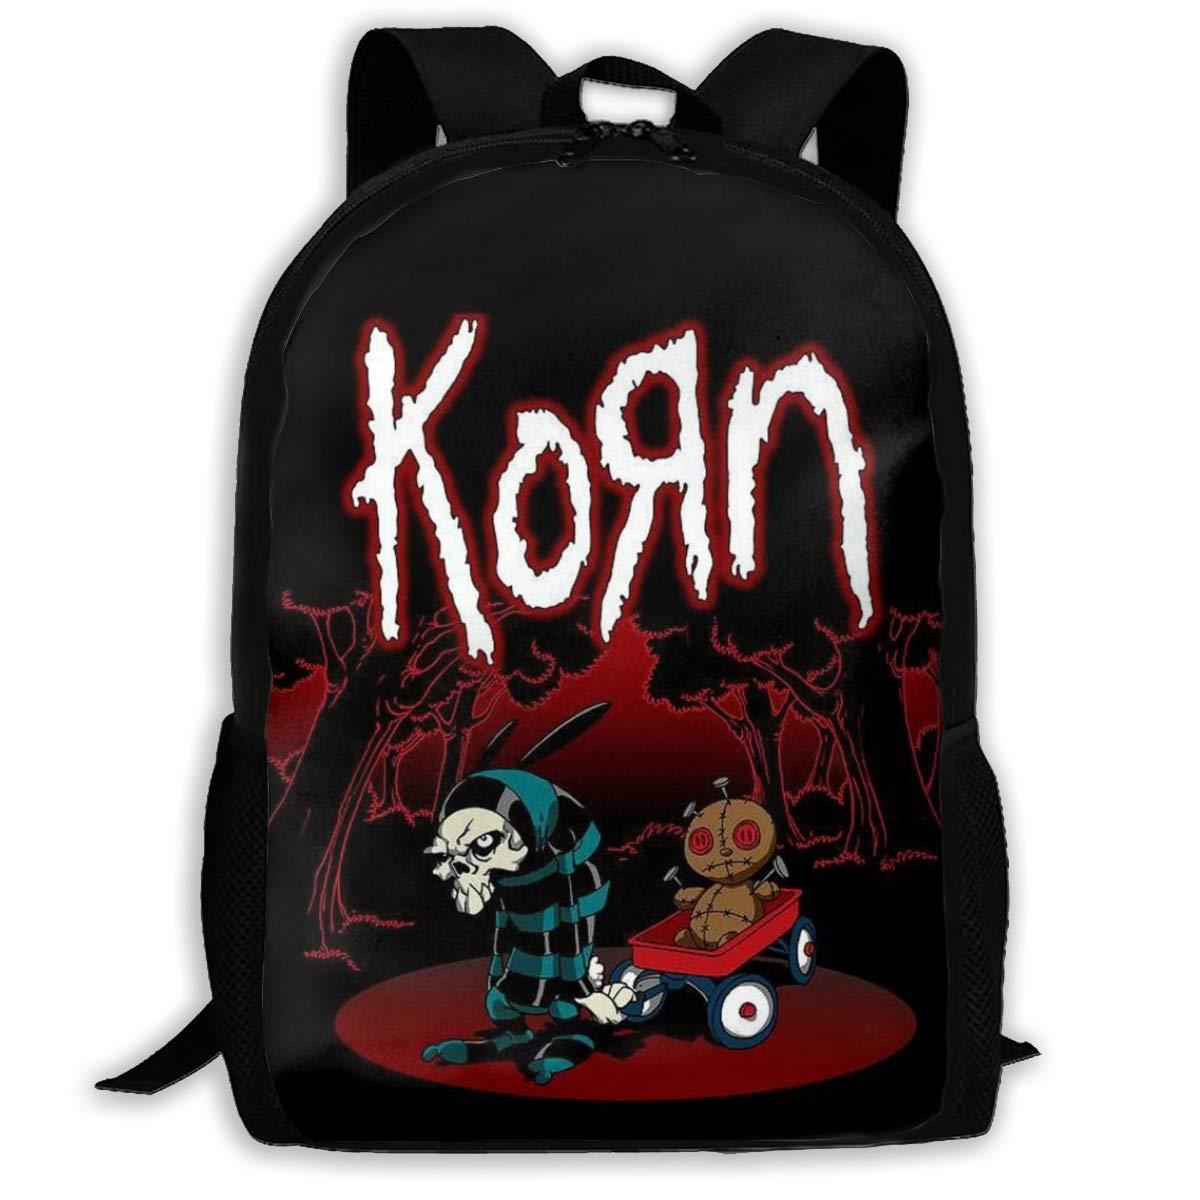 ZJXL Korn Issues スクールブックバッグ カレッジバックパック アウトドアトラベルリュックサック カジュアルデイパック One Size tyeYosspllo-aqdldmr-30701415 B07RMJH566 ブラック4 One Size